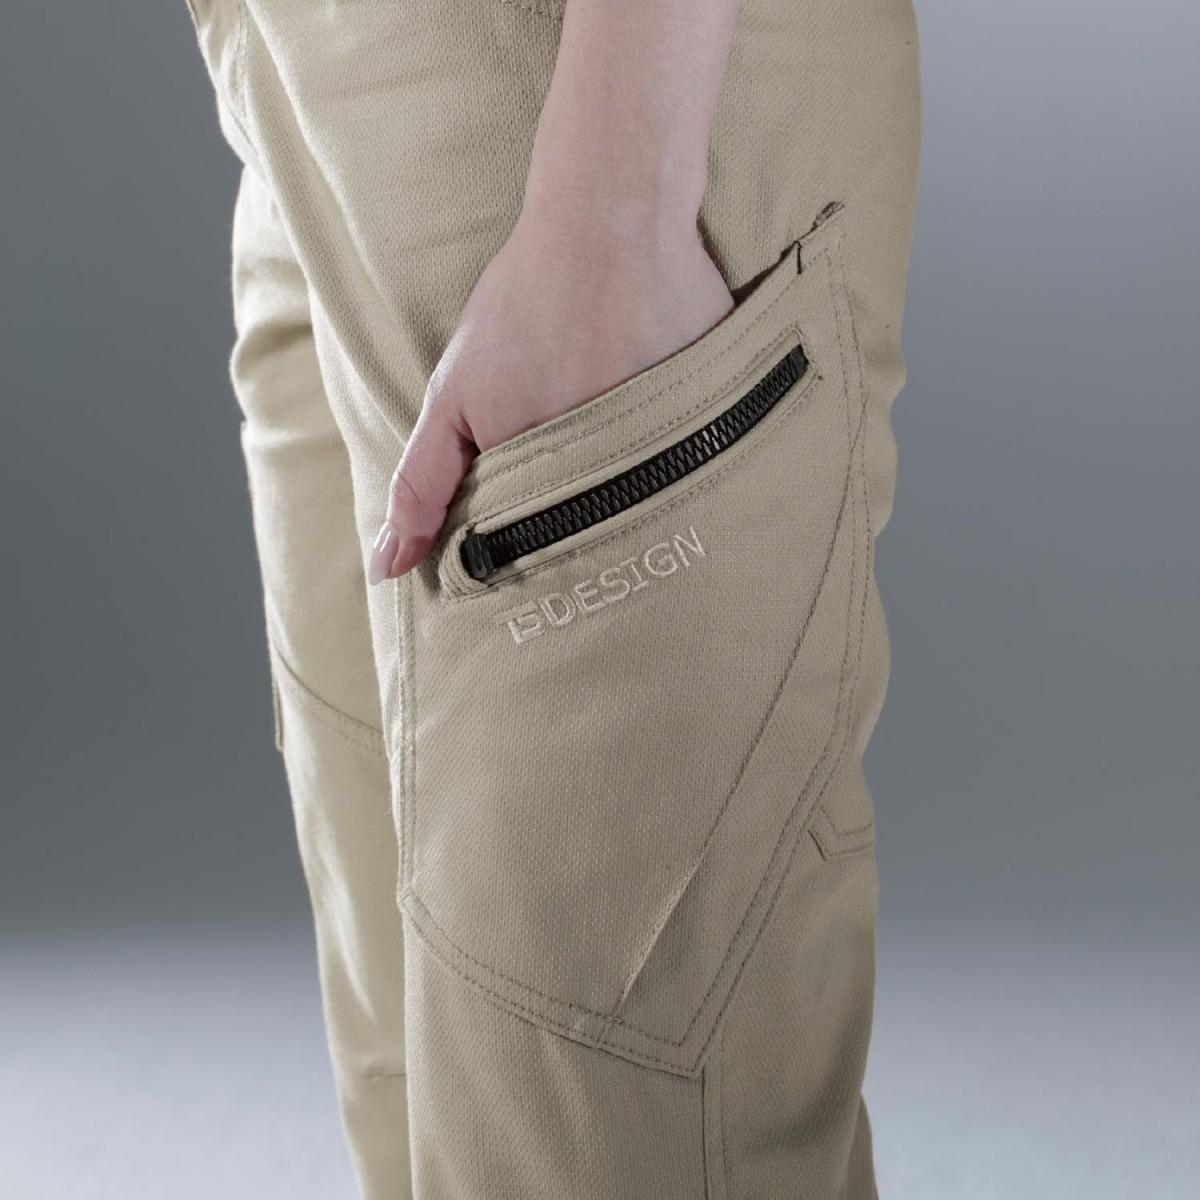 TS DESIGN 3514 カーゴパンツ ¥4,290(税込)クイックポケット。道具の出し入れが便利です。